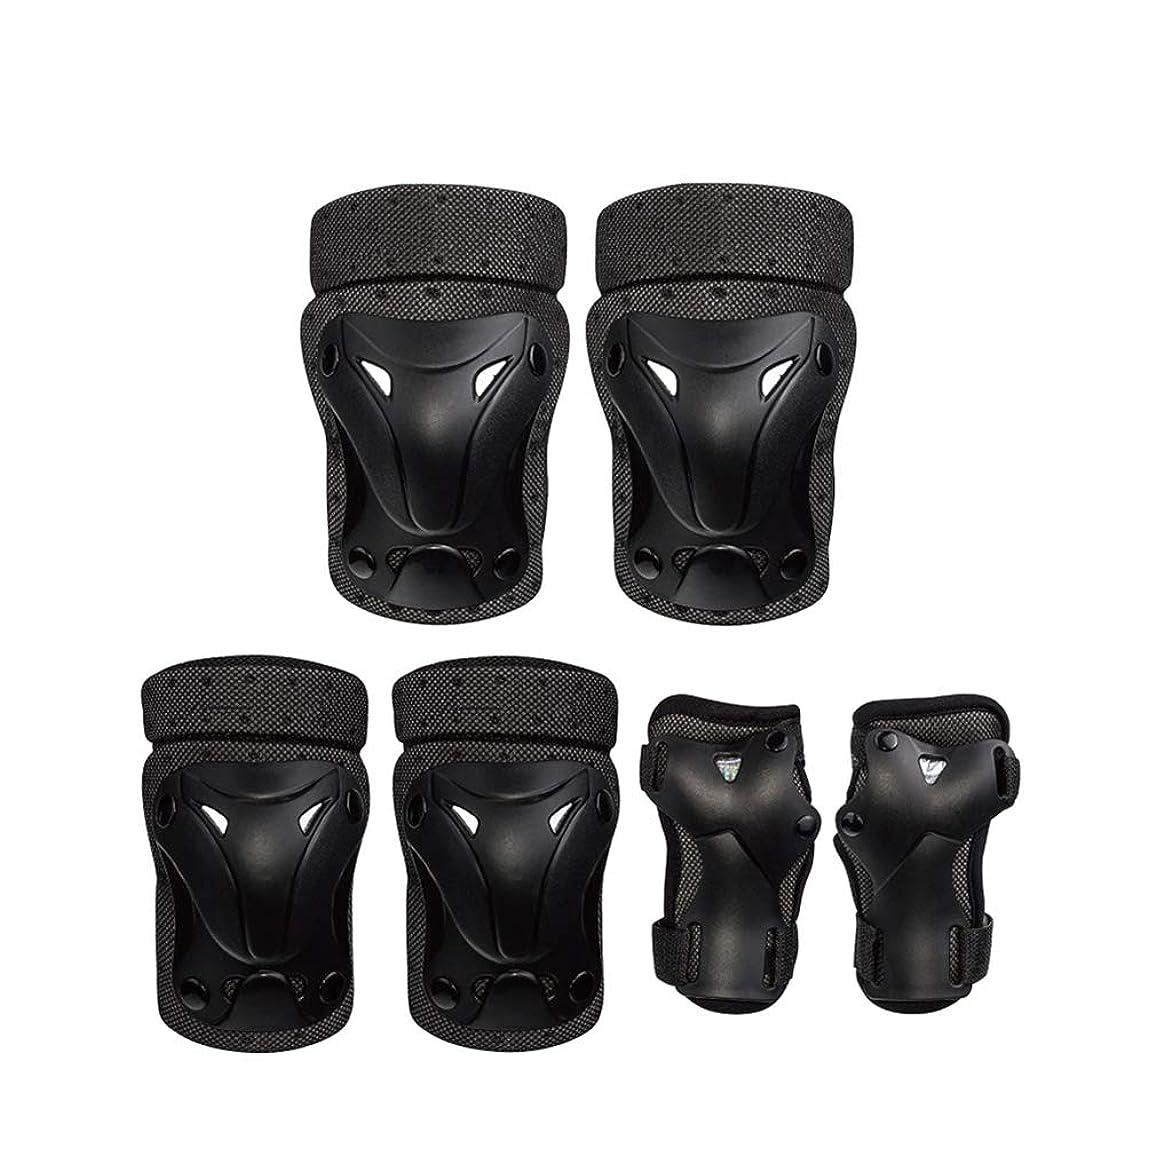 掃除センサーすでにプロテクター 保護ギア 膝パッド リストガード 肘パッド 子 スクーター スケート 屋外 6個セット